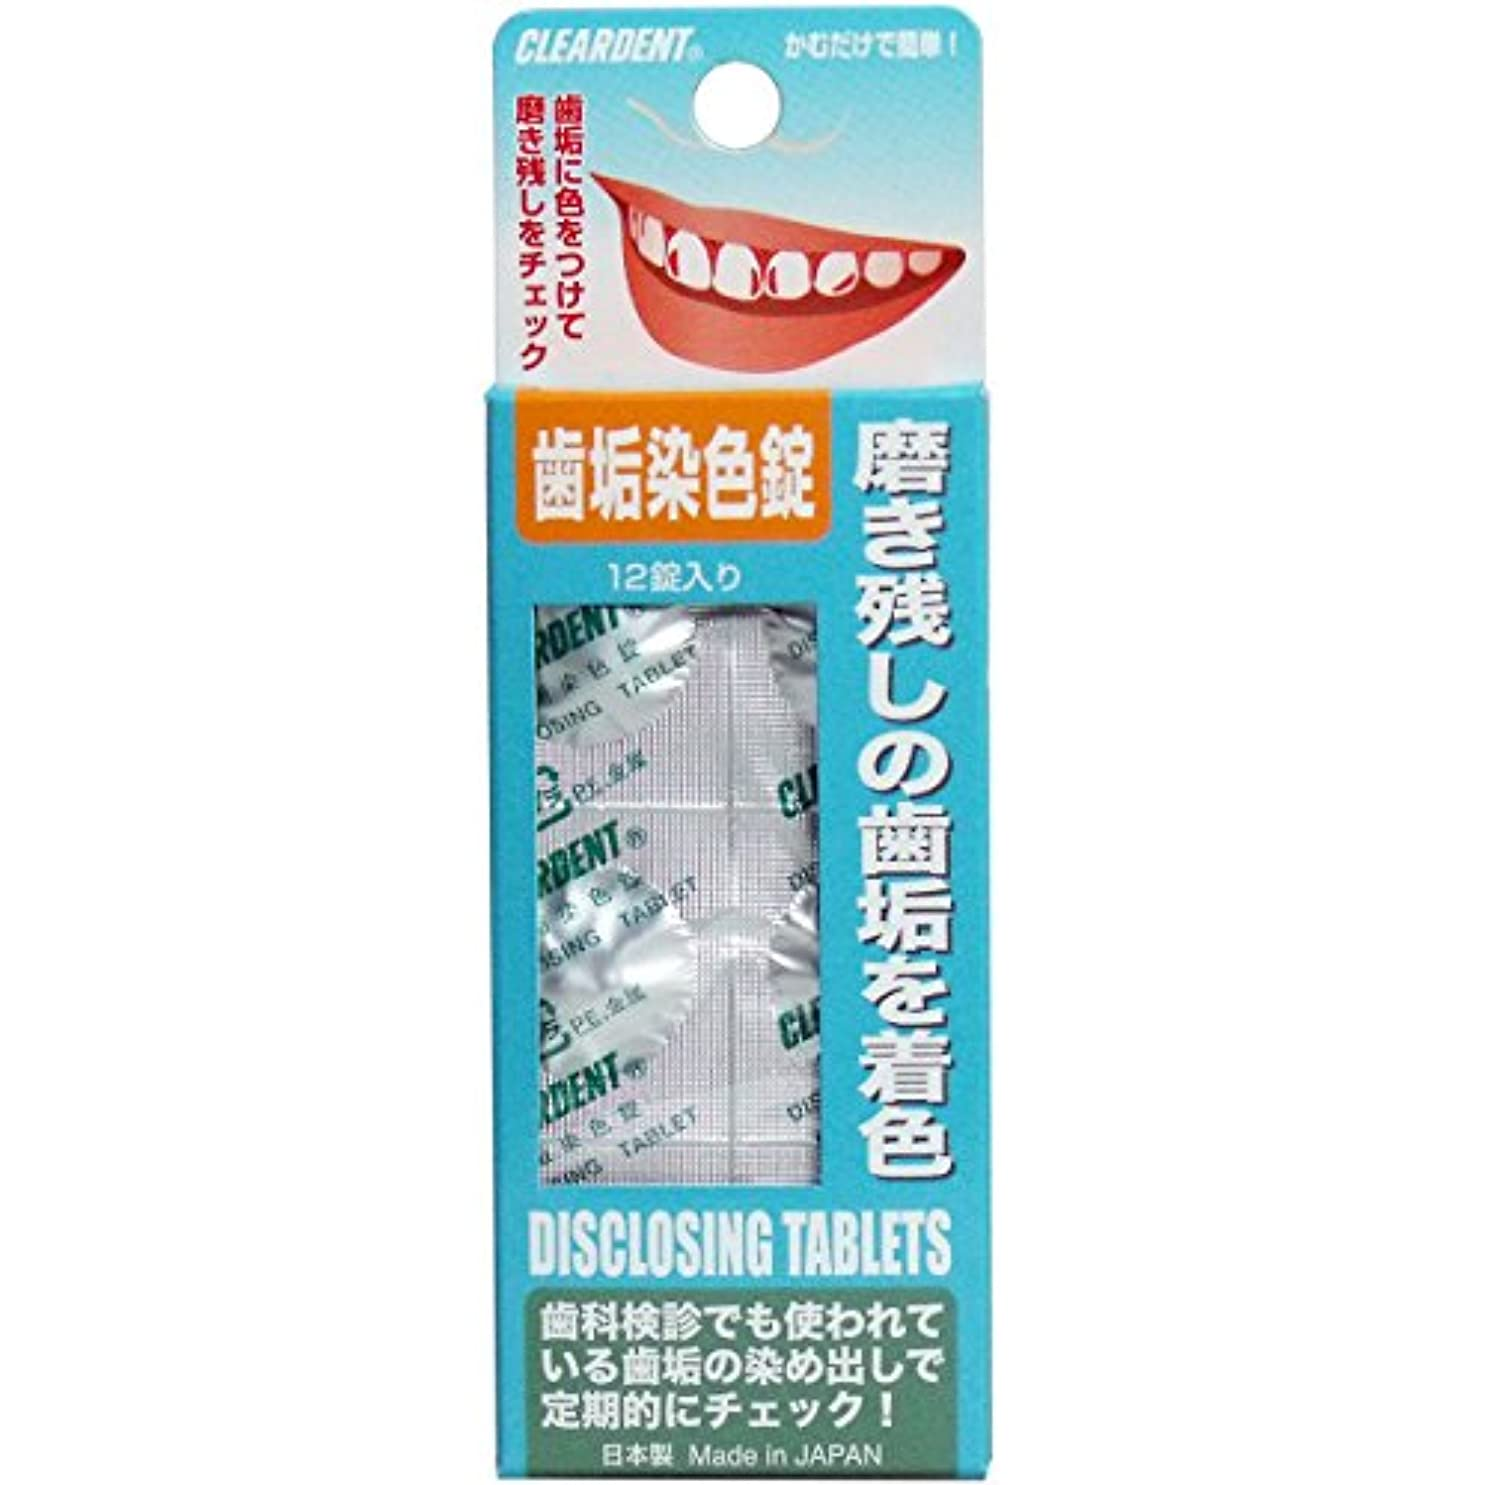 類似性センチメンタル類似性クリアデント歯垢染色錠 12錠